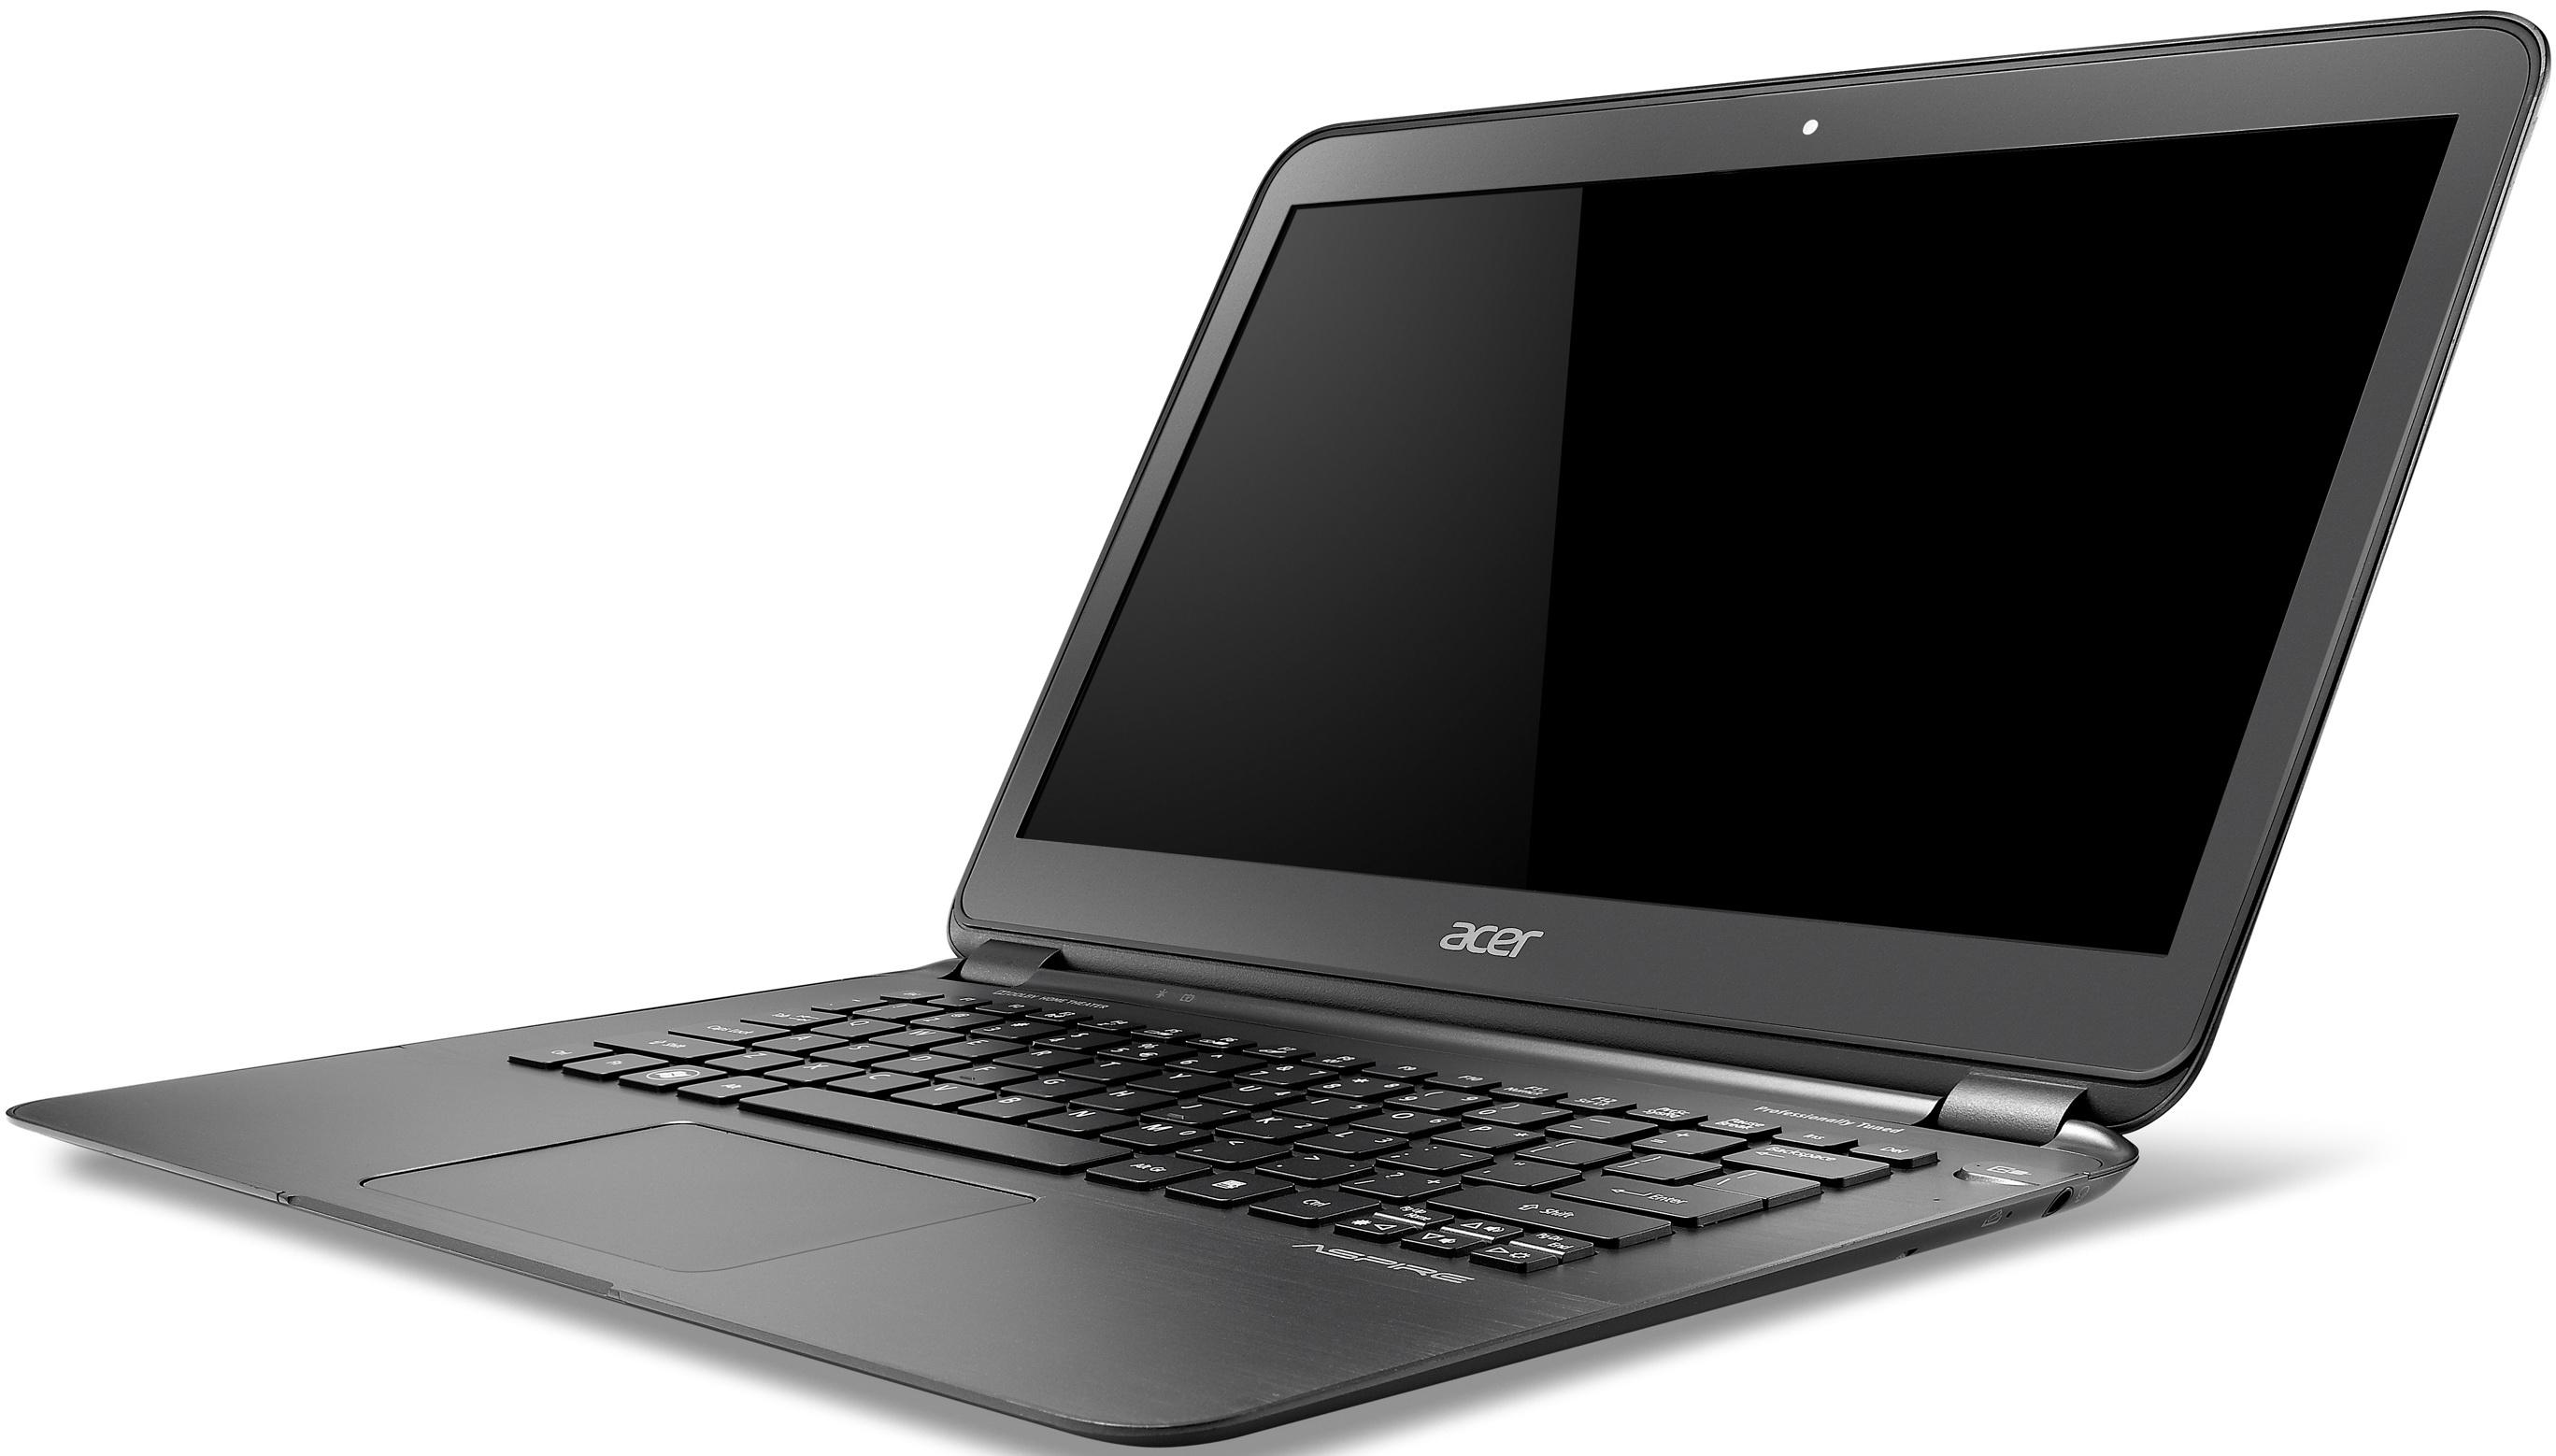 Acer Aspire (NX.GCHER.004)NX.GCHER.004Aspire S 13 это ноутбук с тонким корпусом, длительным временем автономной работы, новейшими процессорами Intel® Core™ 6-го поколения и улучшенным оснащением.